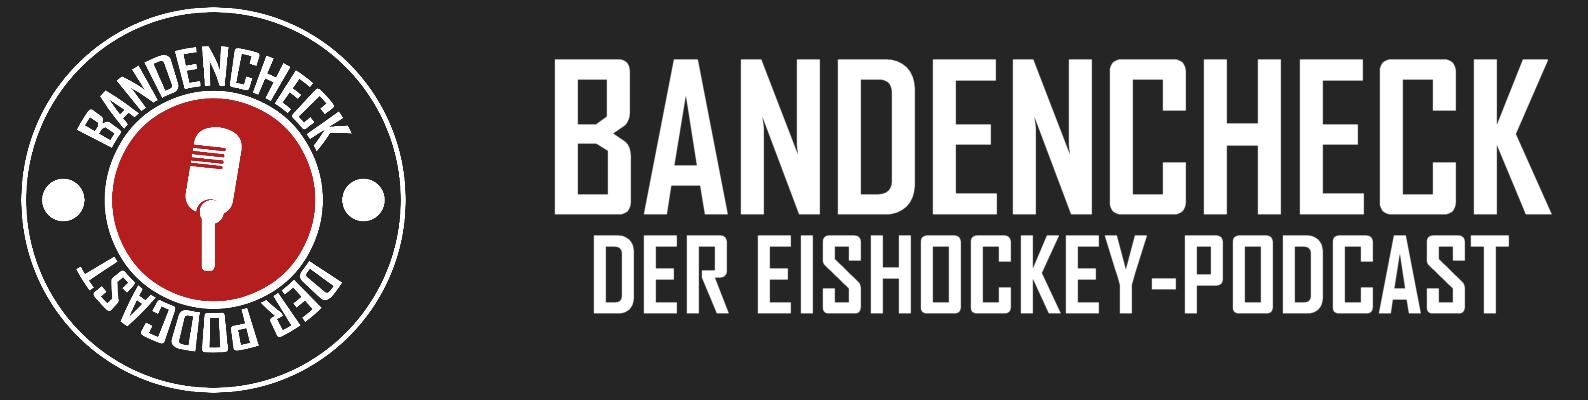 Bandencheck